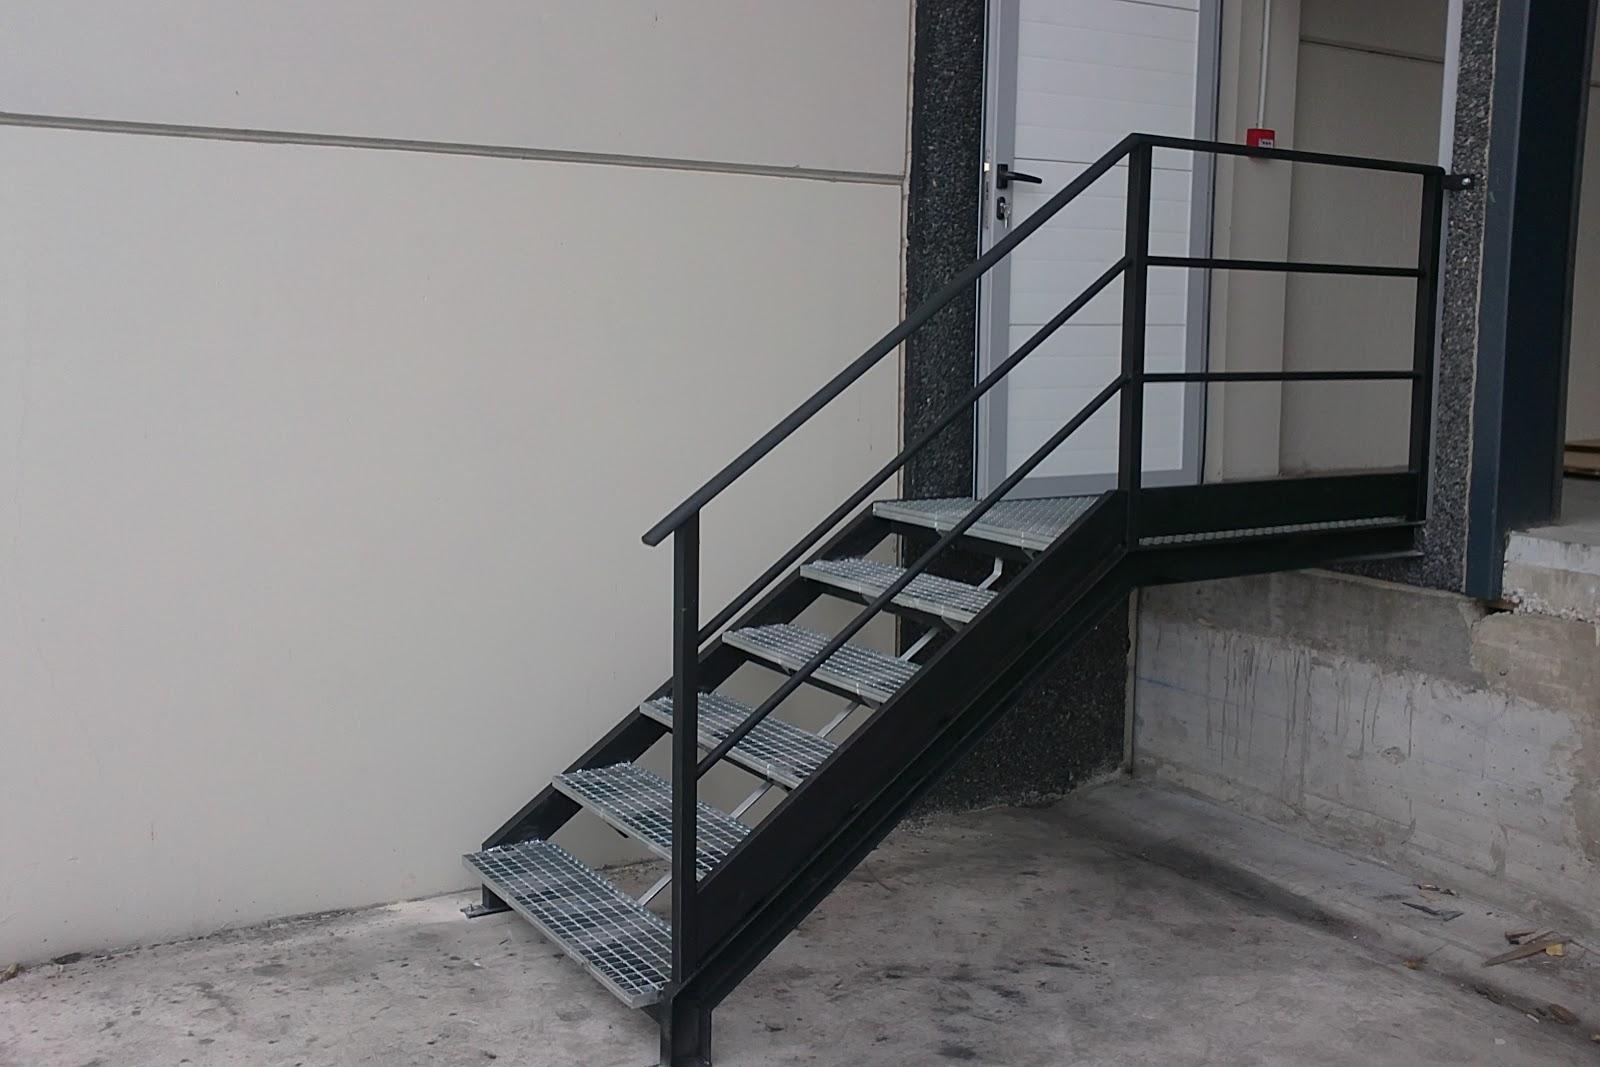 Talleres montiel escalera de tramex for Escaleras 7 escalones